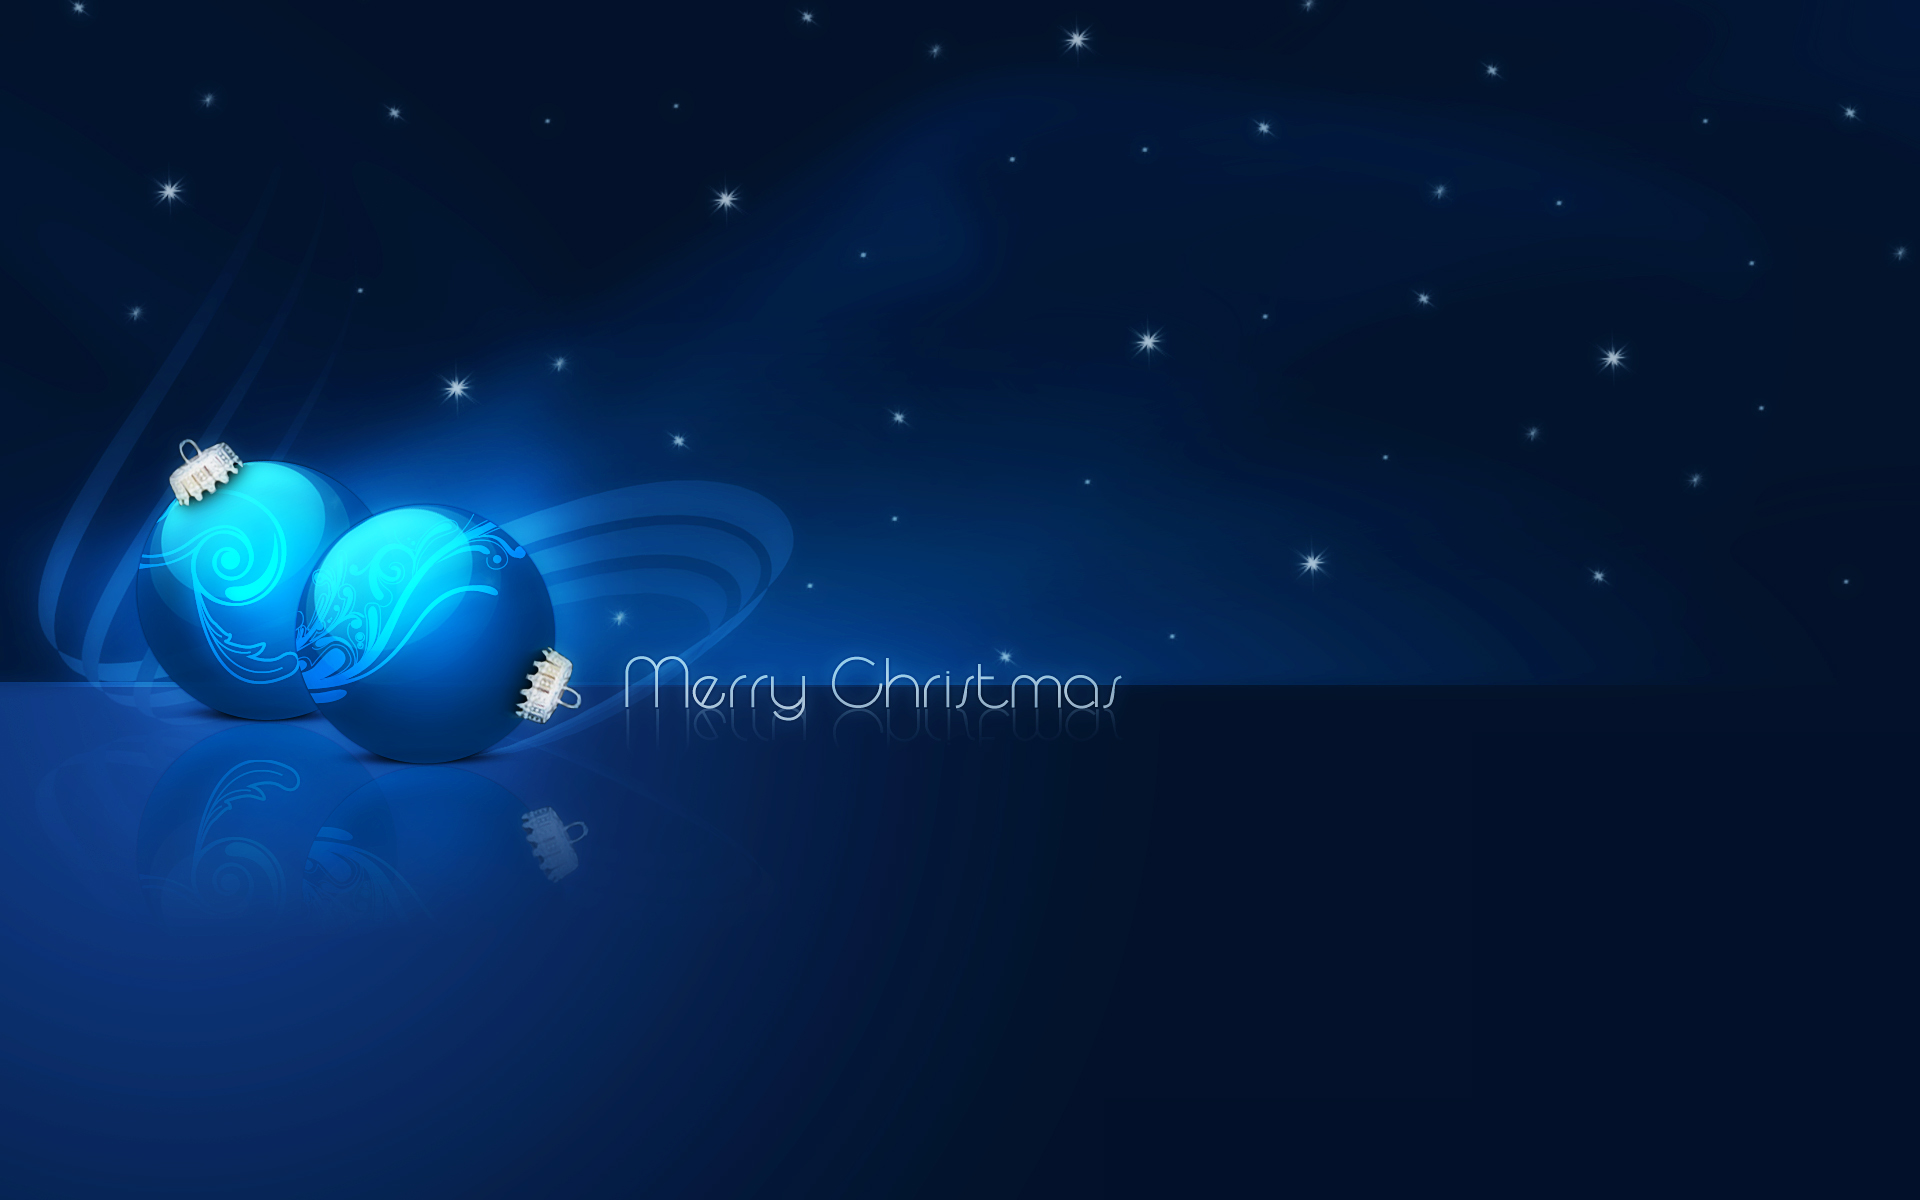 Merry Christmas II Widescreen